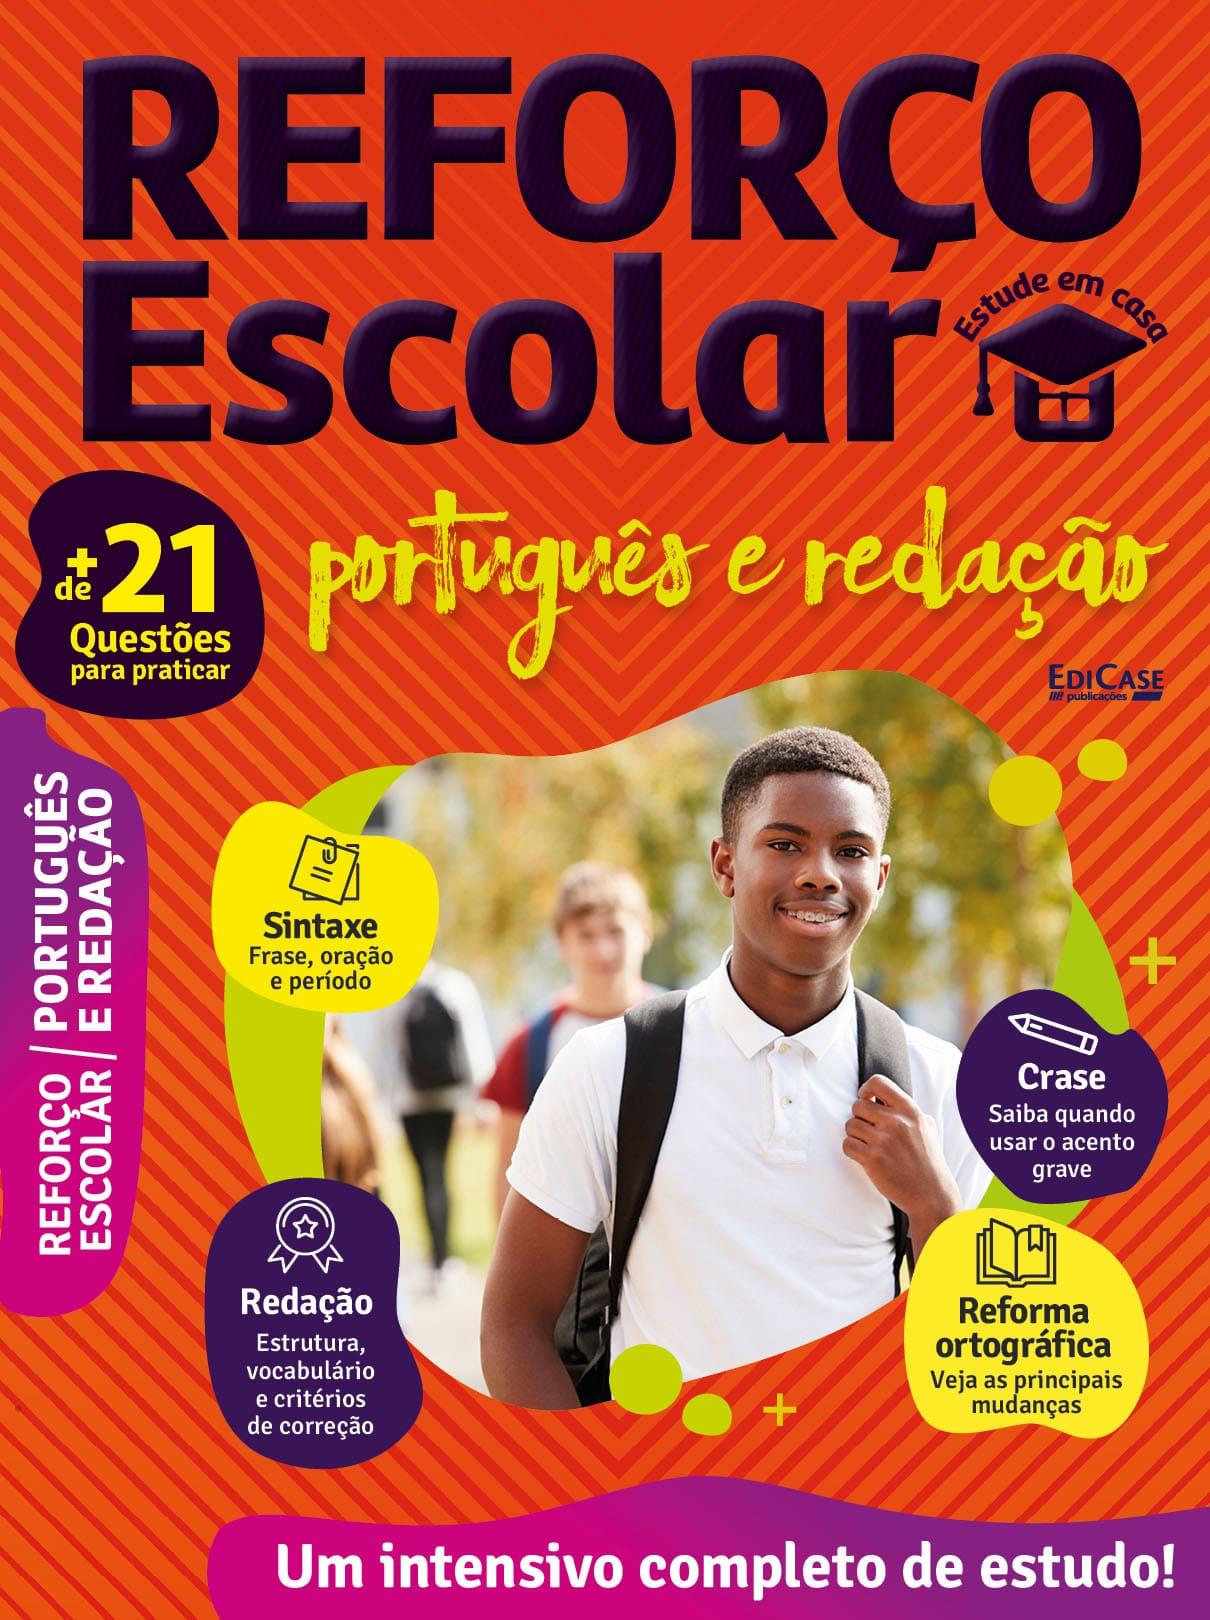 Reforço Escolar - Estude em casa Ed. 01 - Português e Redação  - EdiCase Publicações